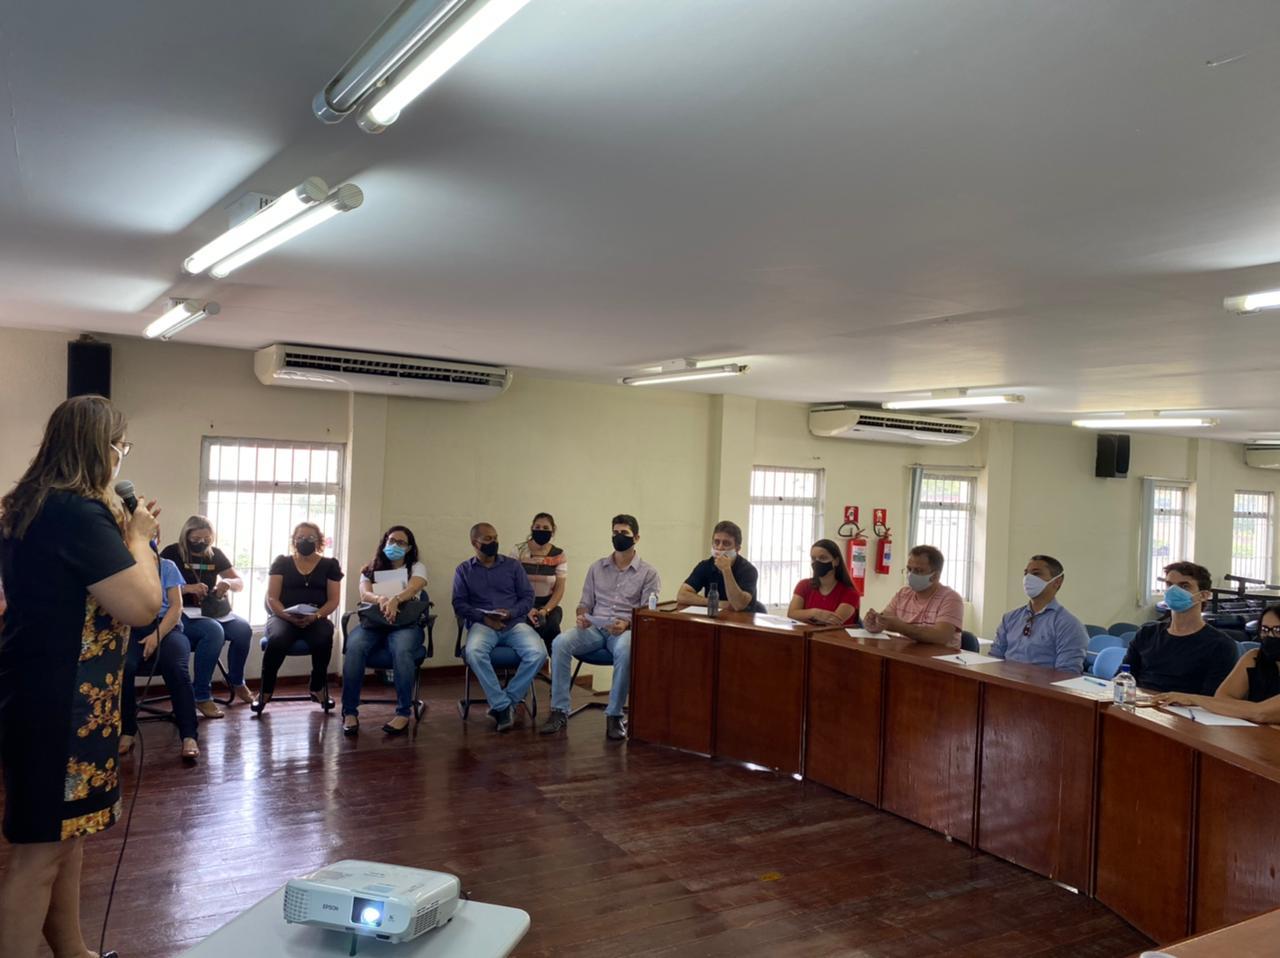 curso formacao concialdores sao jose piranhas 08 02 2021 3 - Servidores da Comarca de São José de Piranhas recebem Formação para Conciliadores